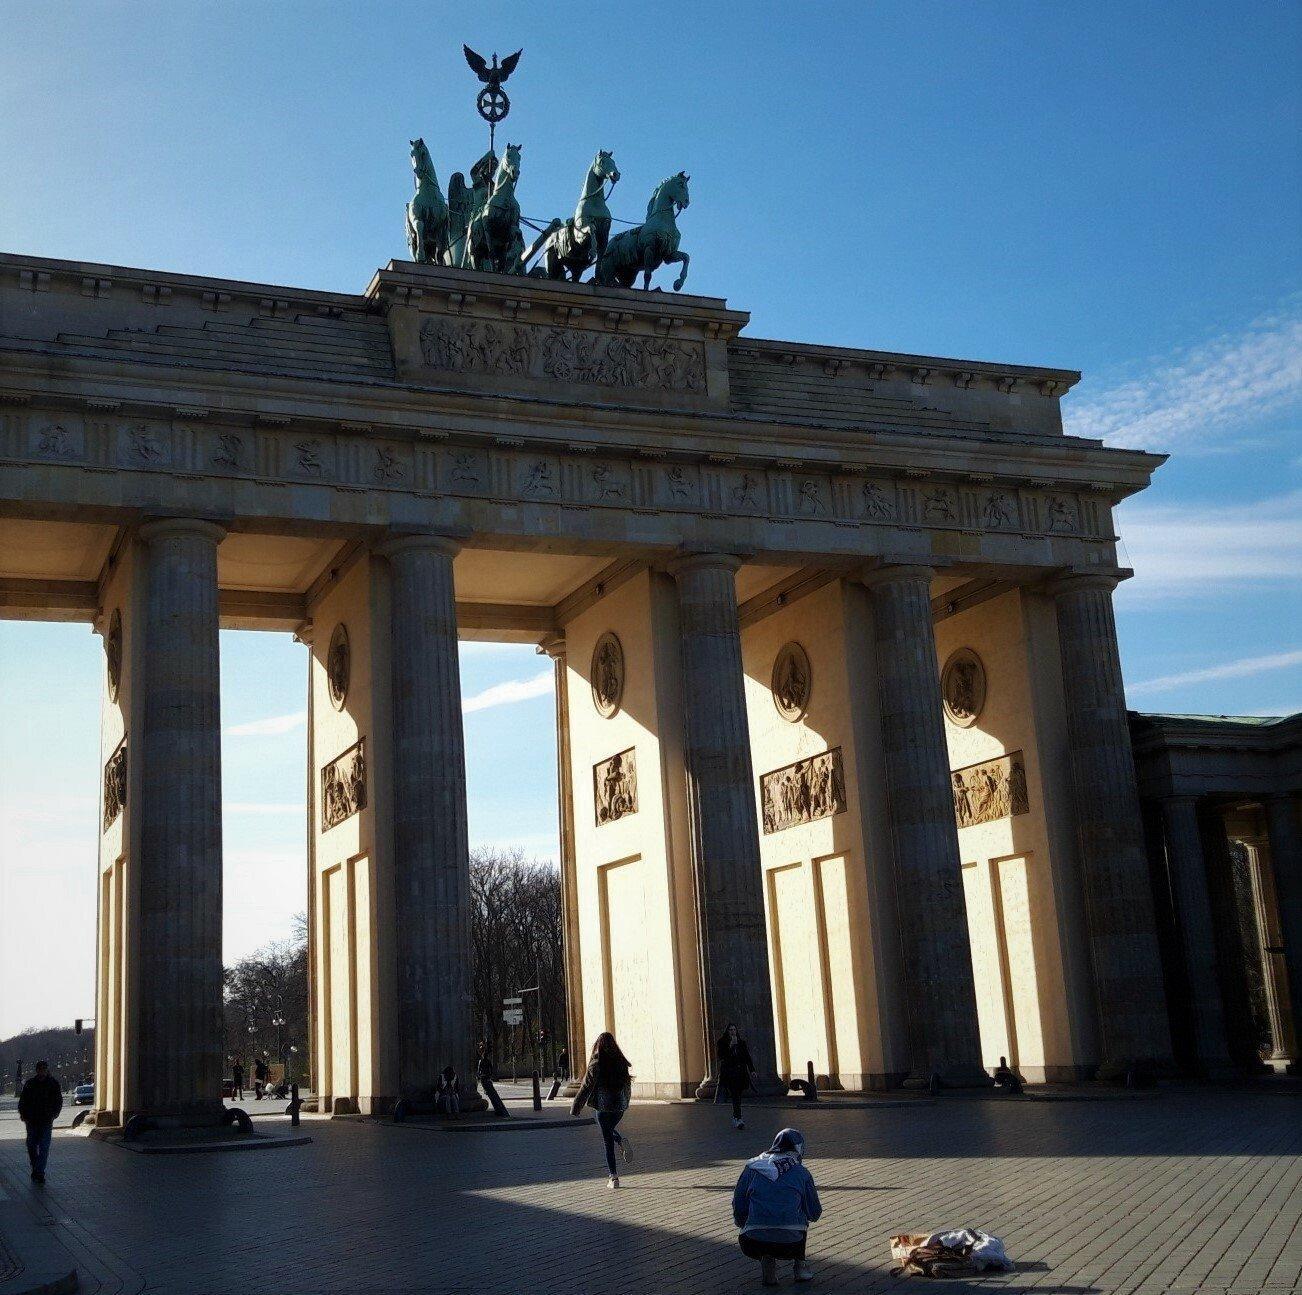 Seltene Leere vor dem Brandenburger Tor, durch das von Westen die Sonne scheint: Auf dem Vorplatz sind lediglich drei Passant·inn·en zu sehen.